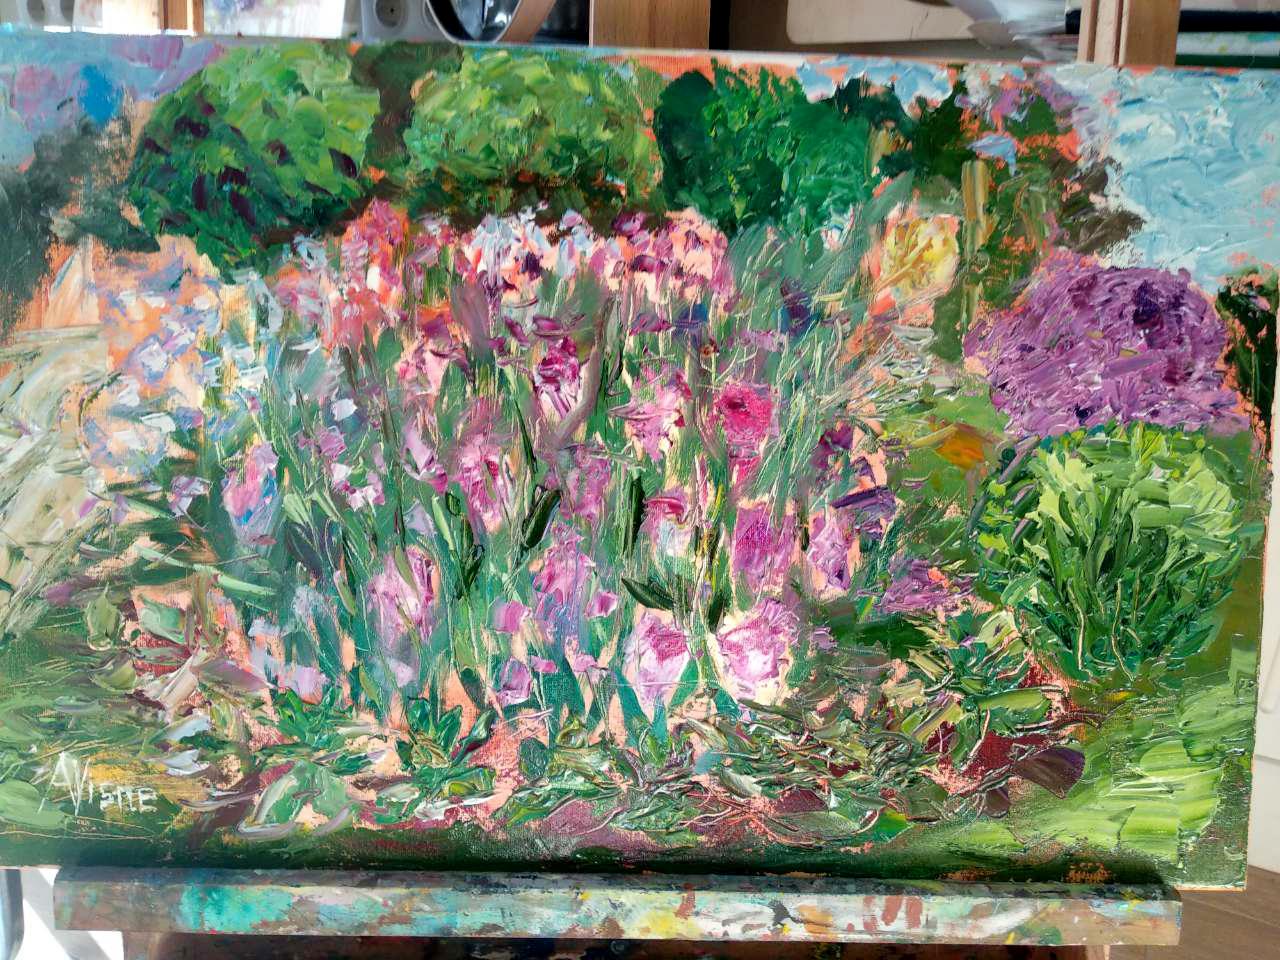 """Олійний виїзний майстер-клас """"Квіти у саду"""" 26травня - фото"""